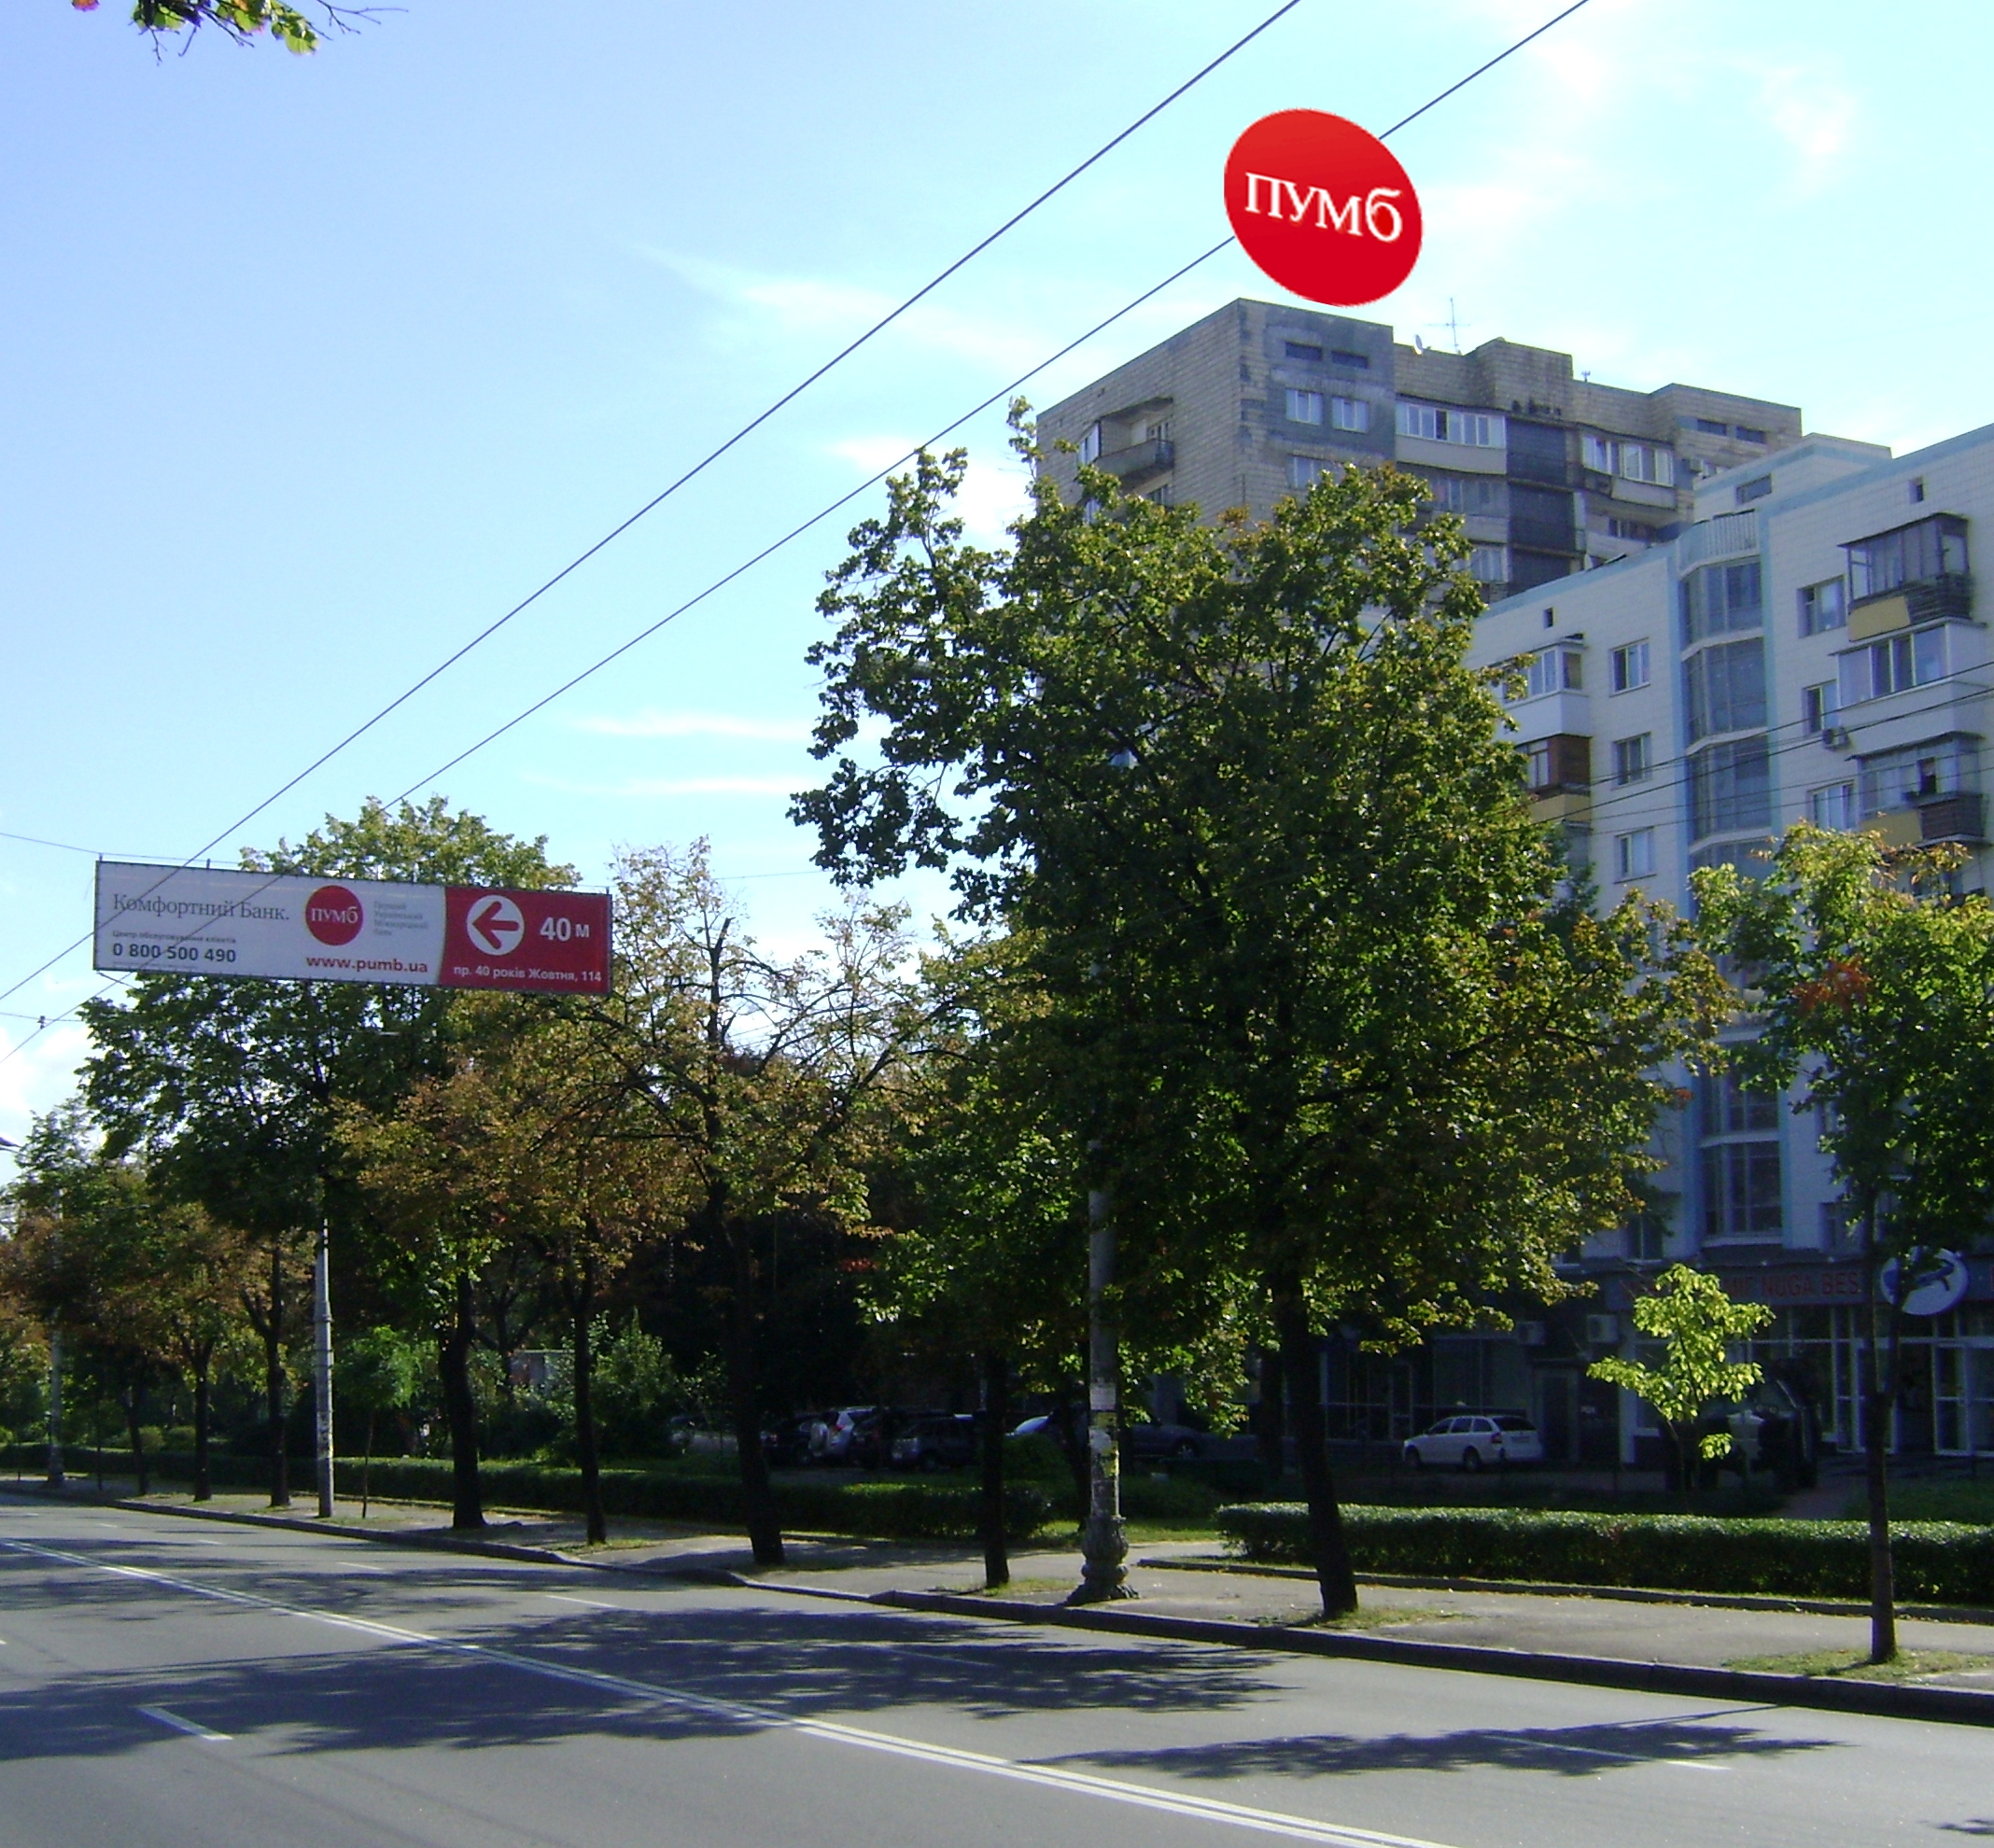 Дизайн накрышной рекламной конструкции для ПУМБ